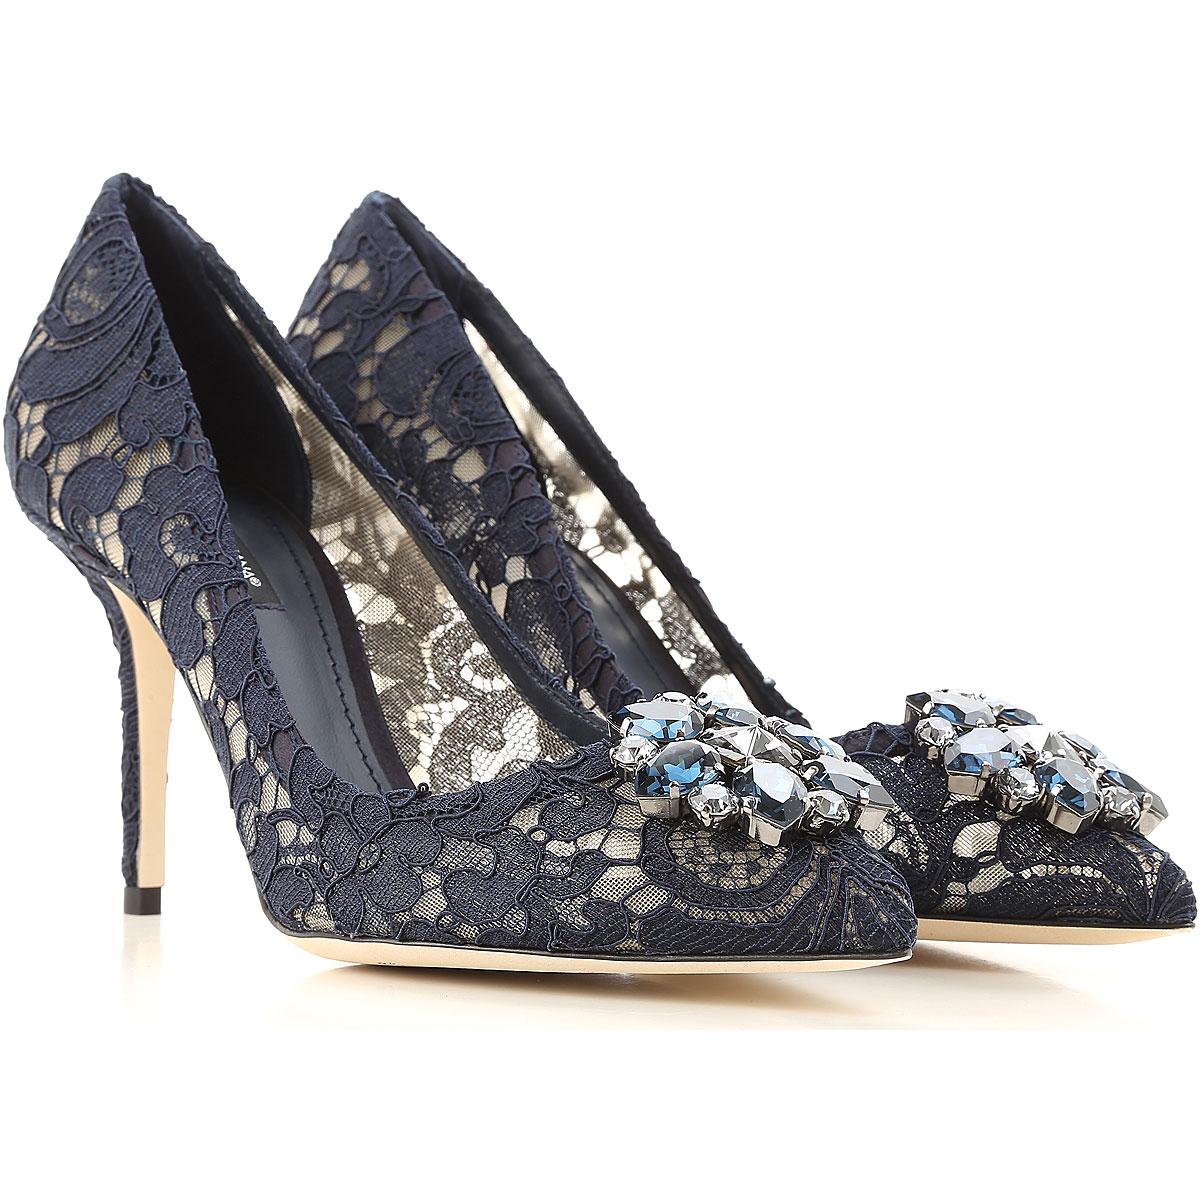 картинки обуви женской дольче габбана построение большого